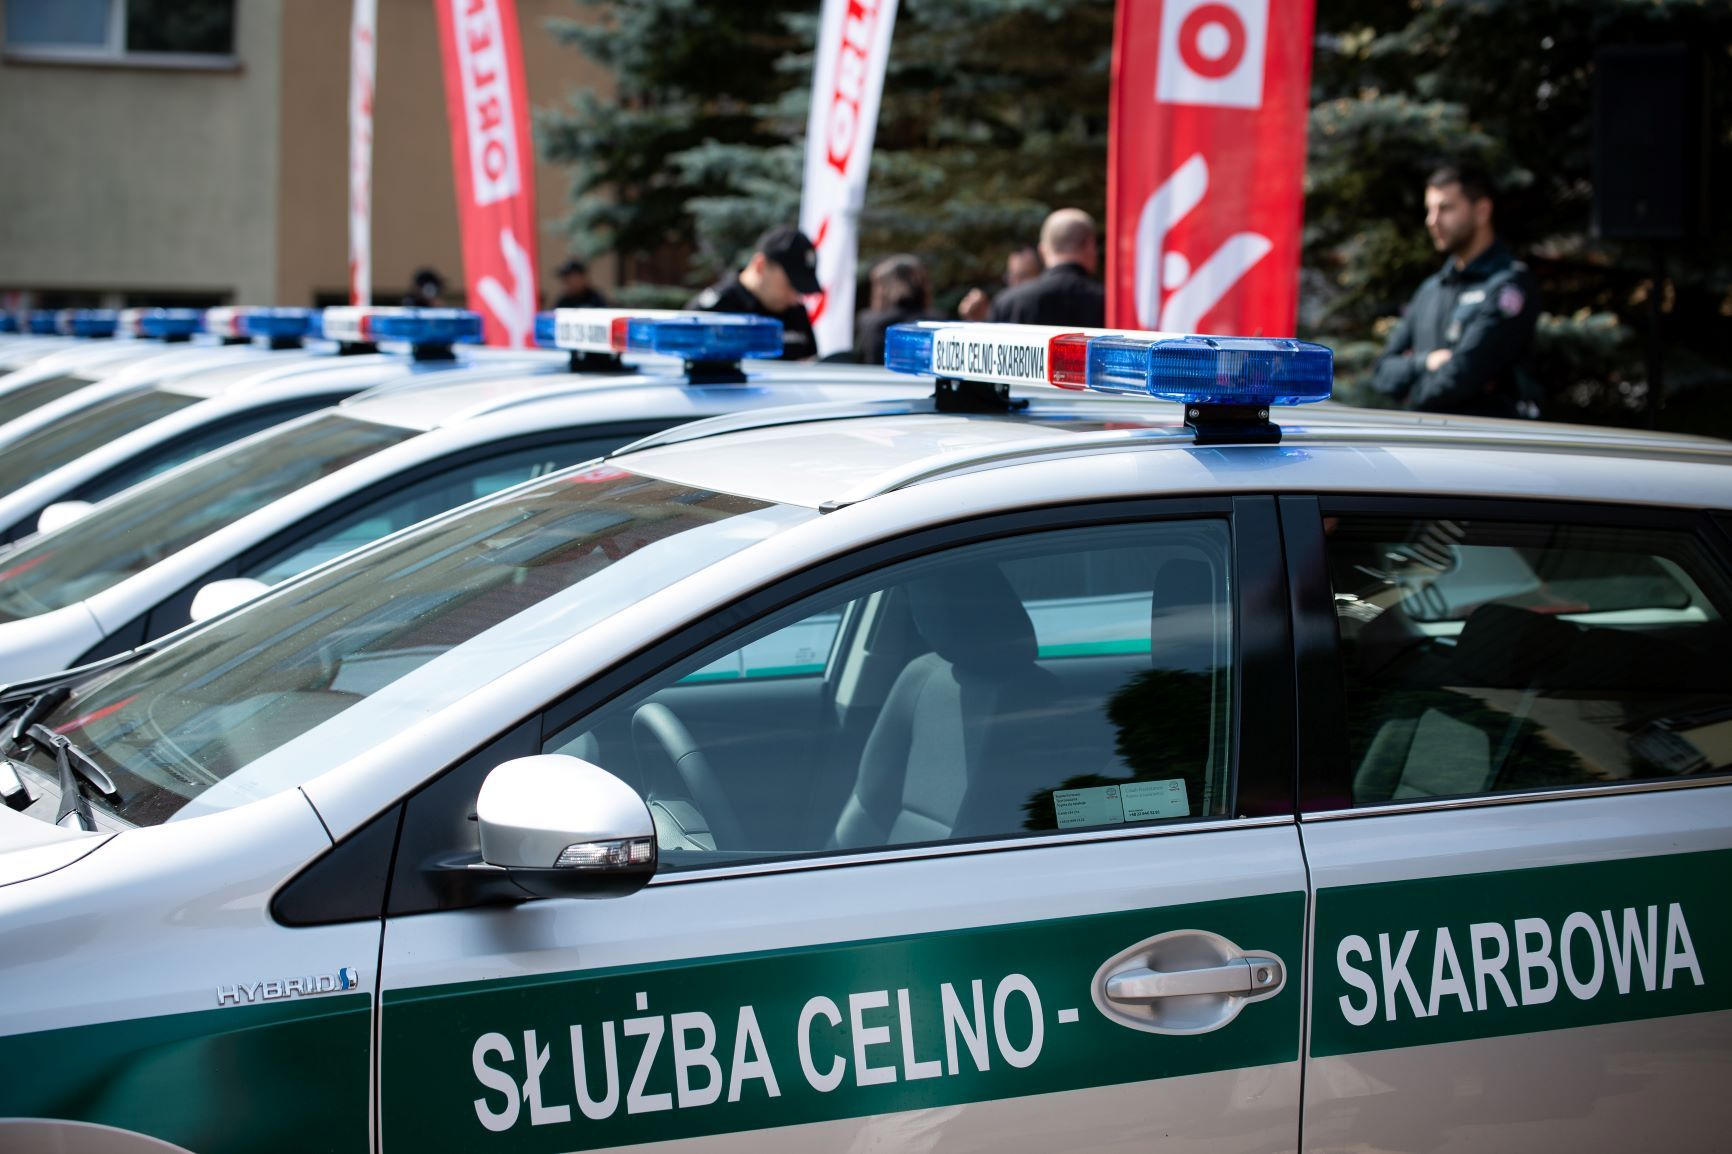 Polski Ład: Nowe uprawnienia Krajowej Administracji Skarbowej